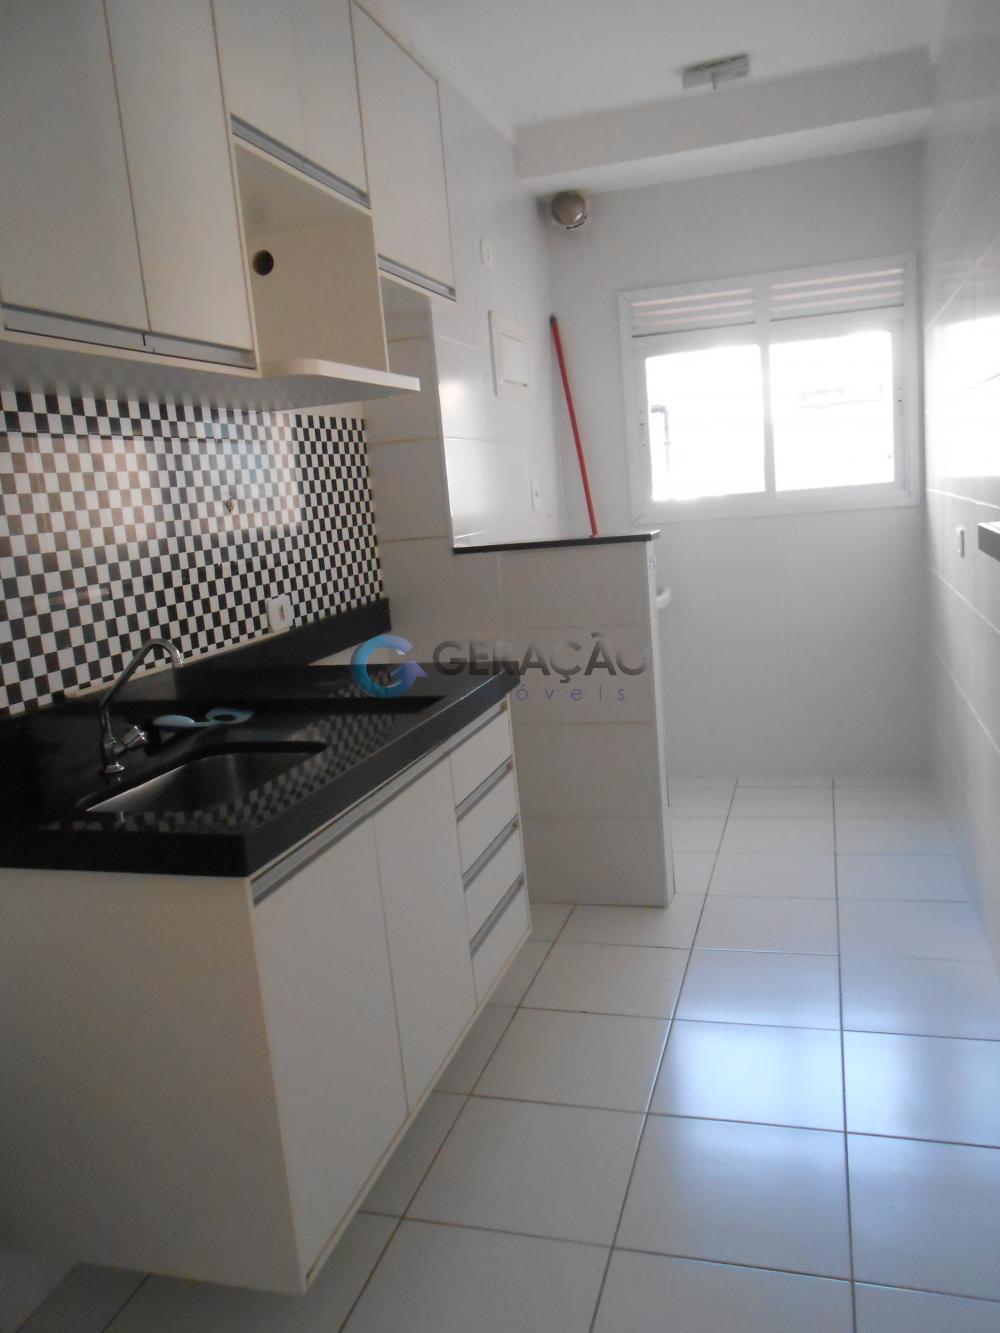 Alugar Apartamento / Padrão em São José dos Campos R$ 1.900,00 - Foto 11